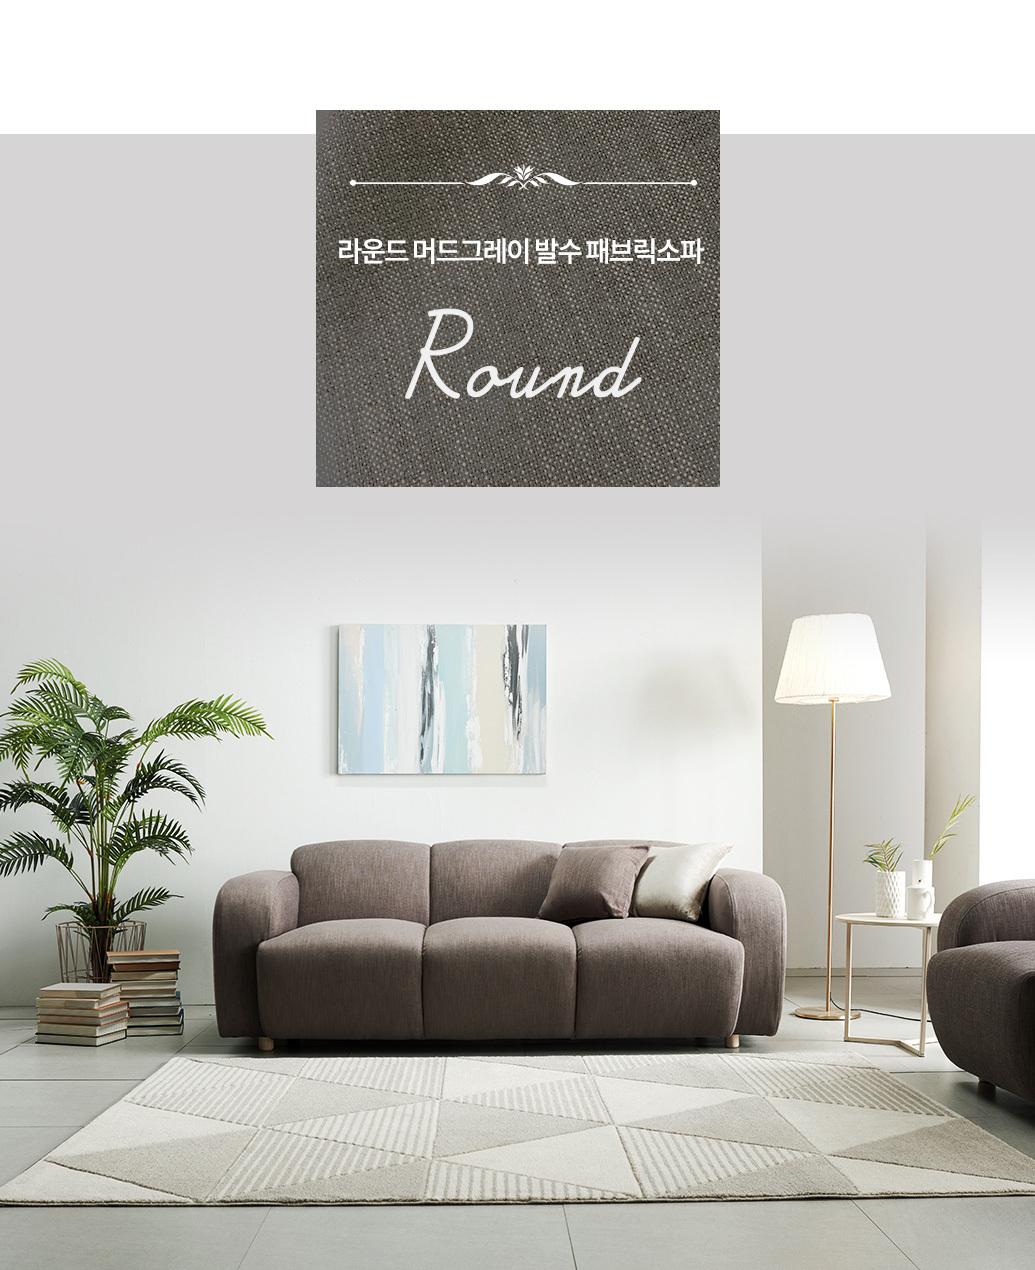 round_g_01.jpg